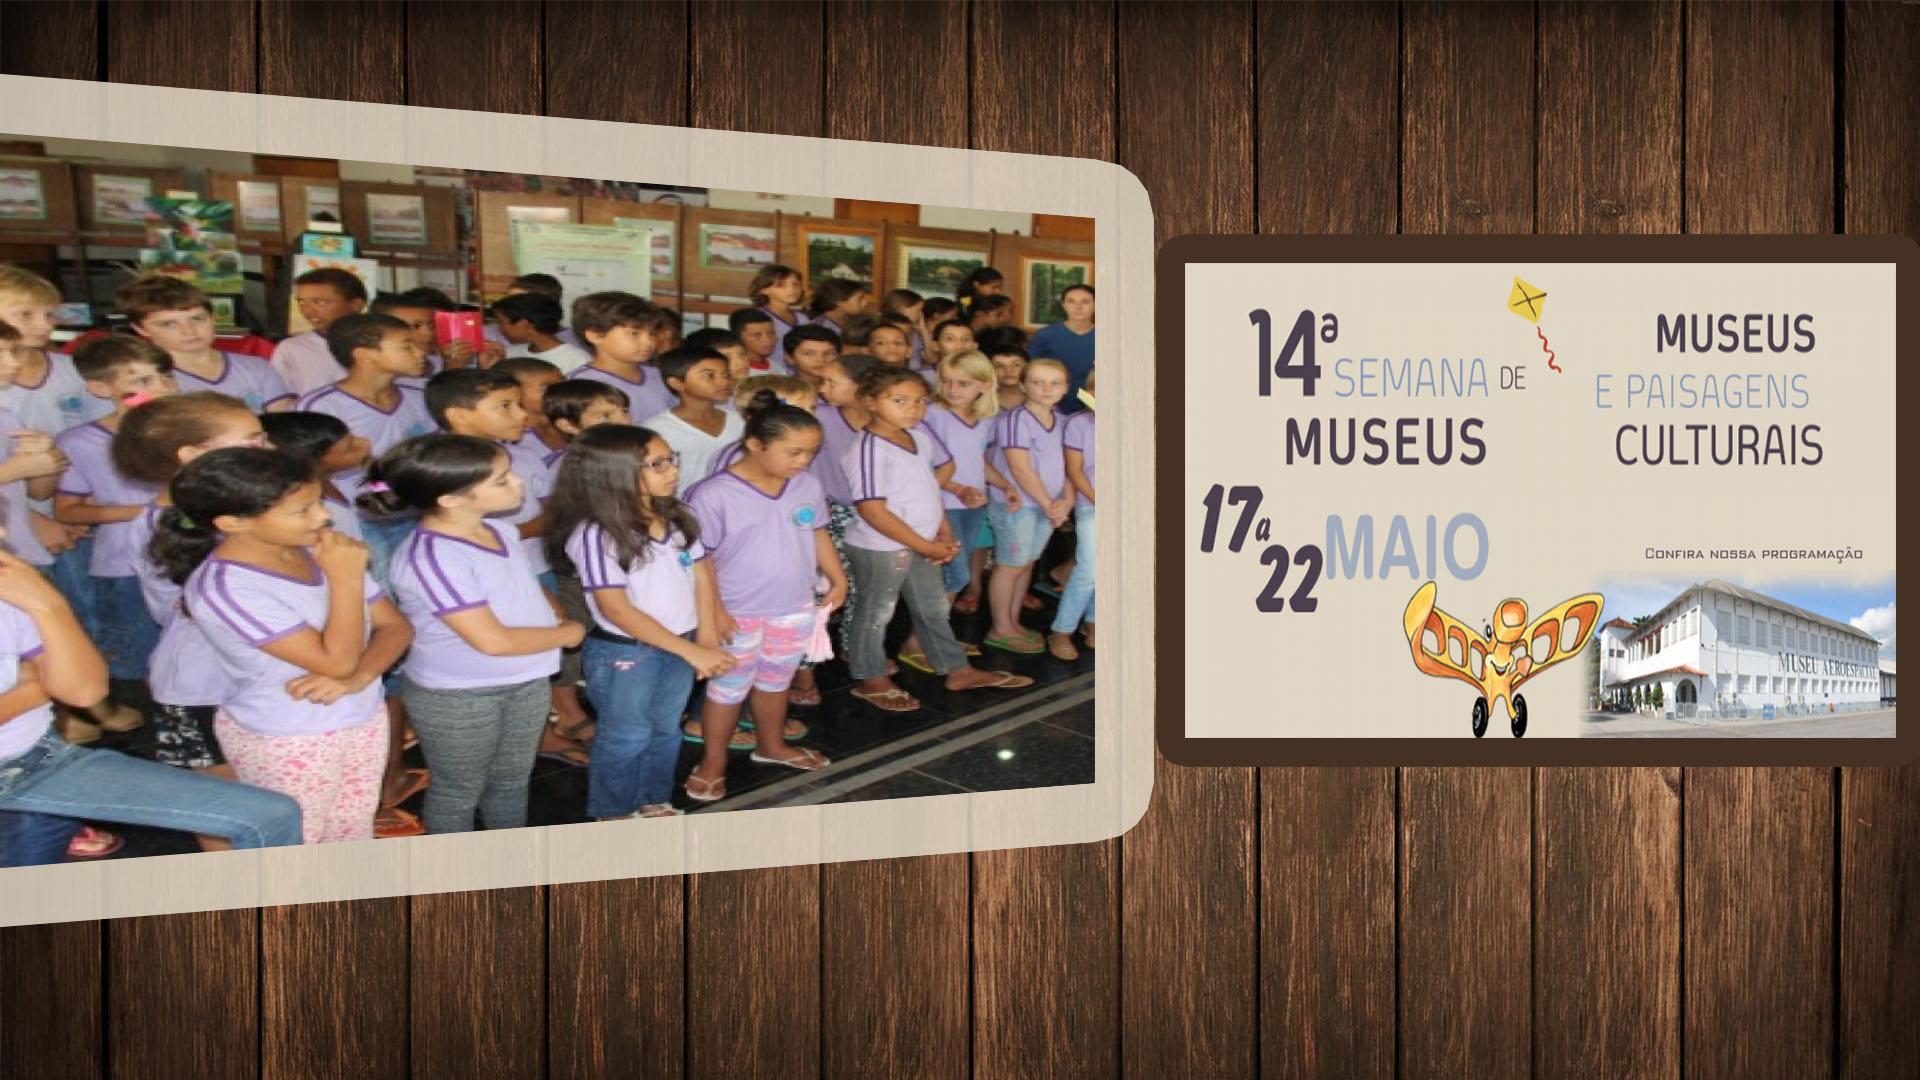 200716-MUSEU-INDIGENA.jpg